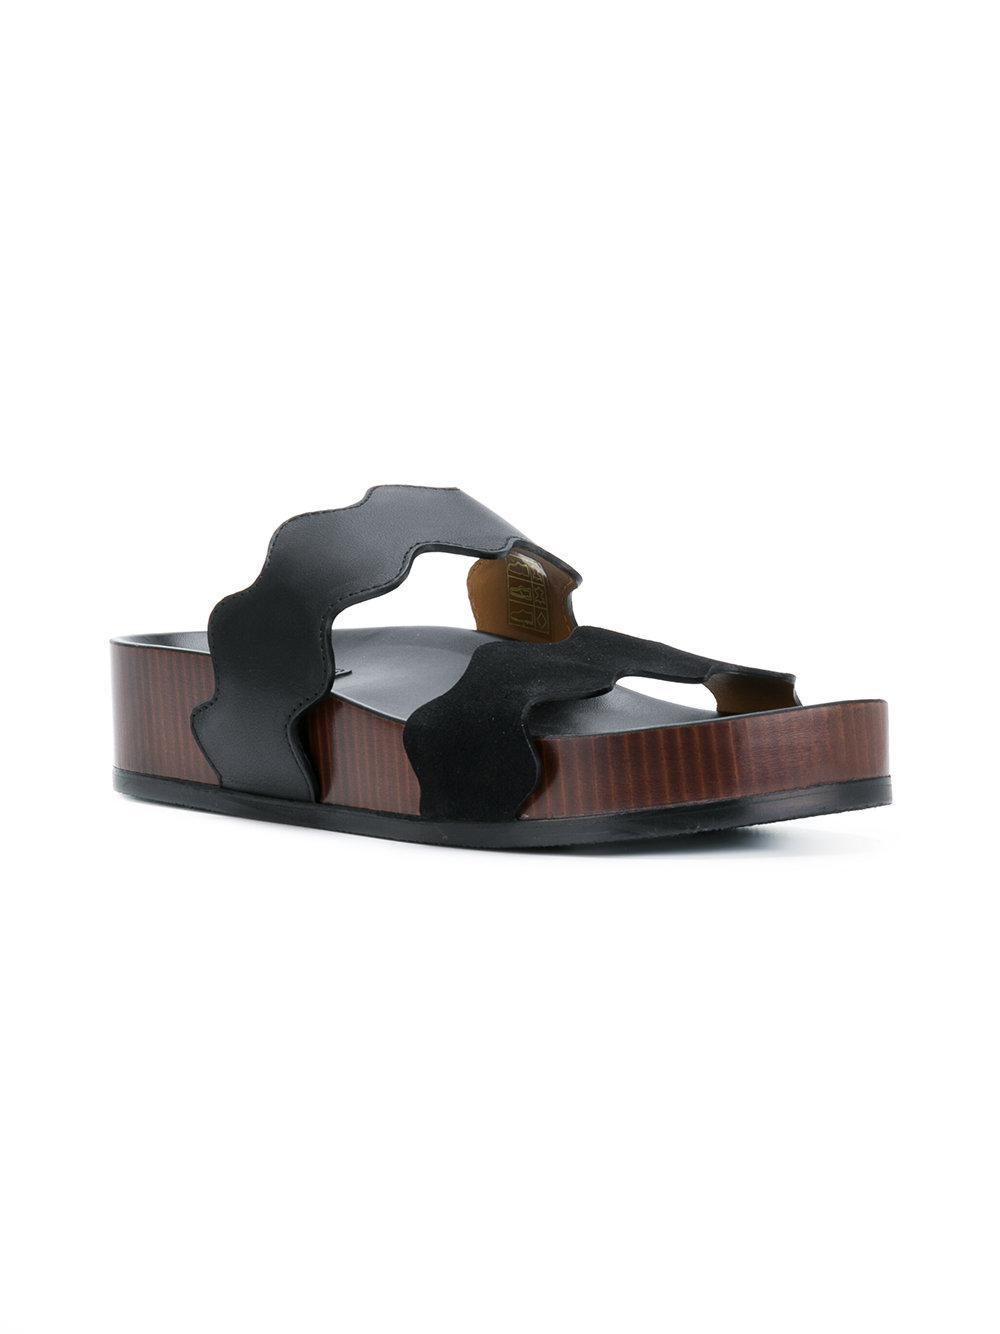 Chloé Black Lauren Sandals 6YoAlVN